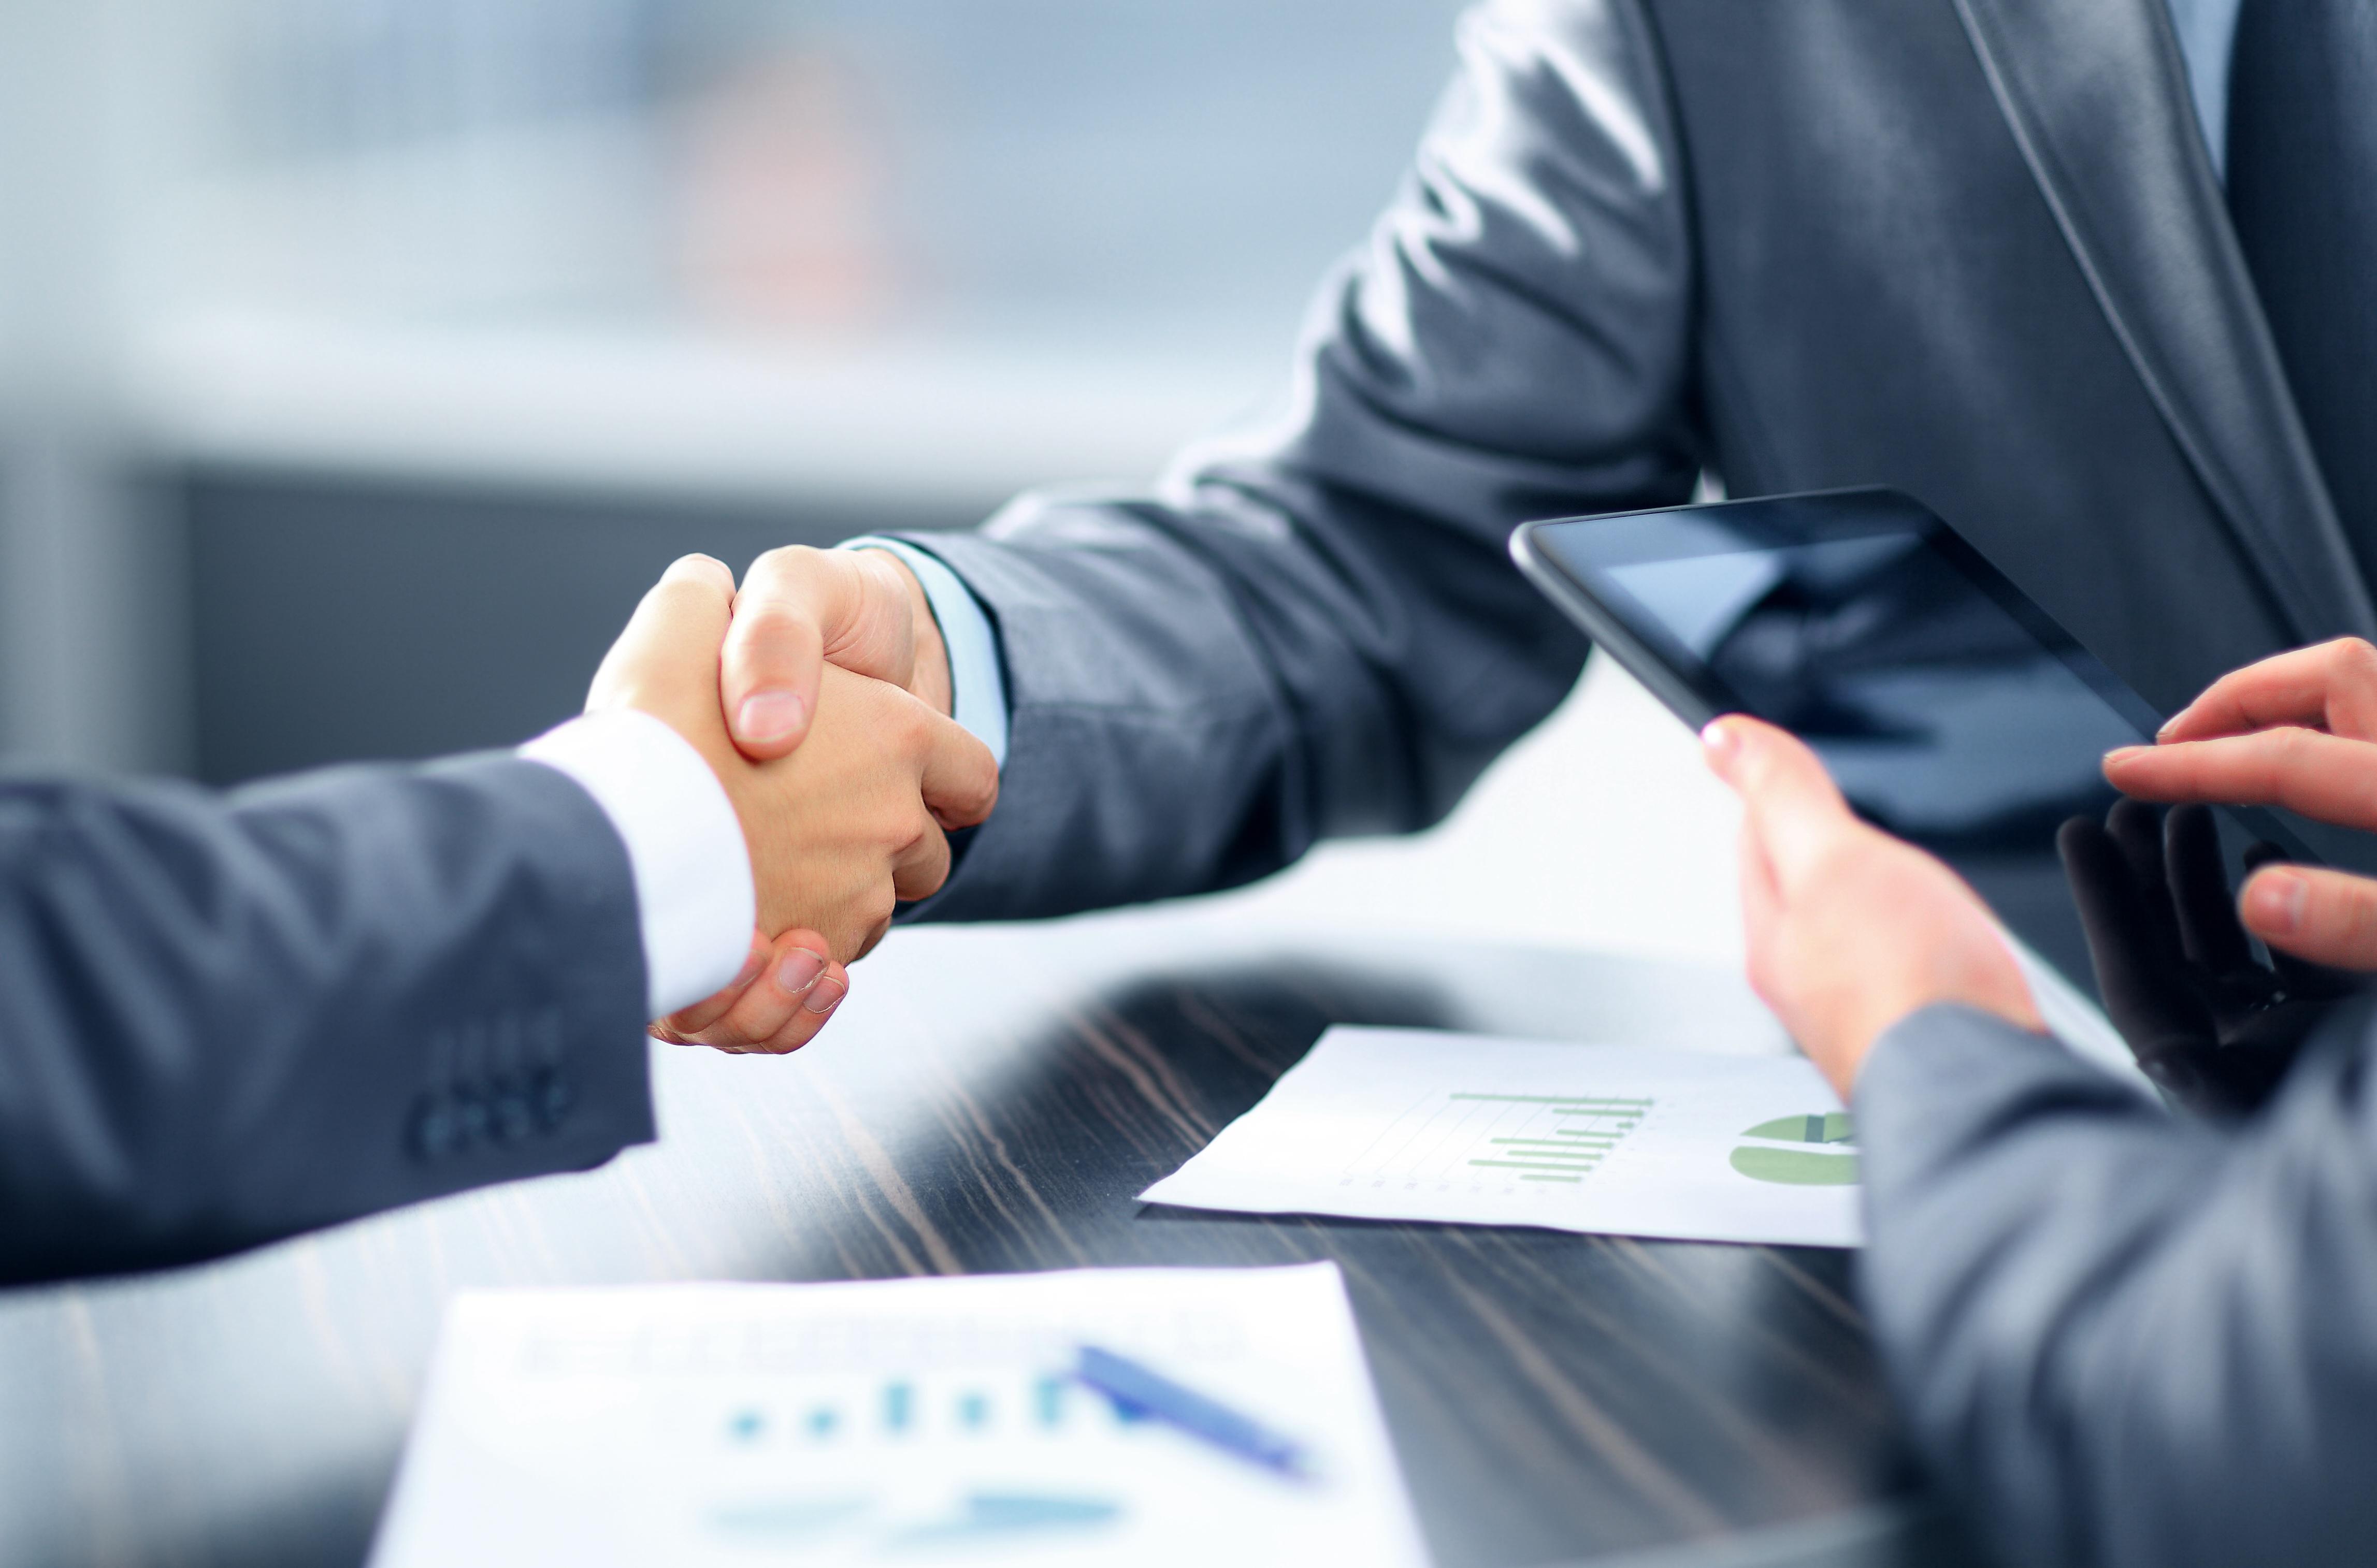 handshake-business2